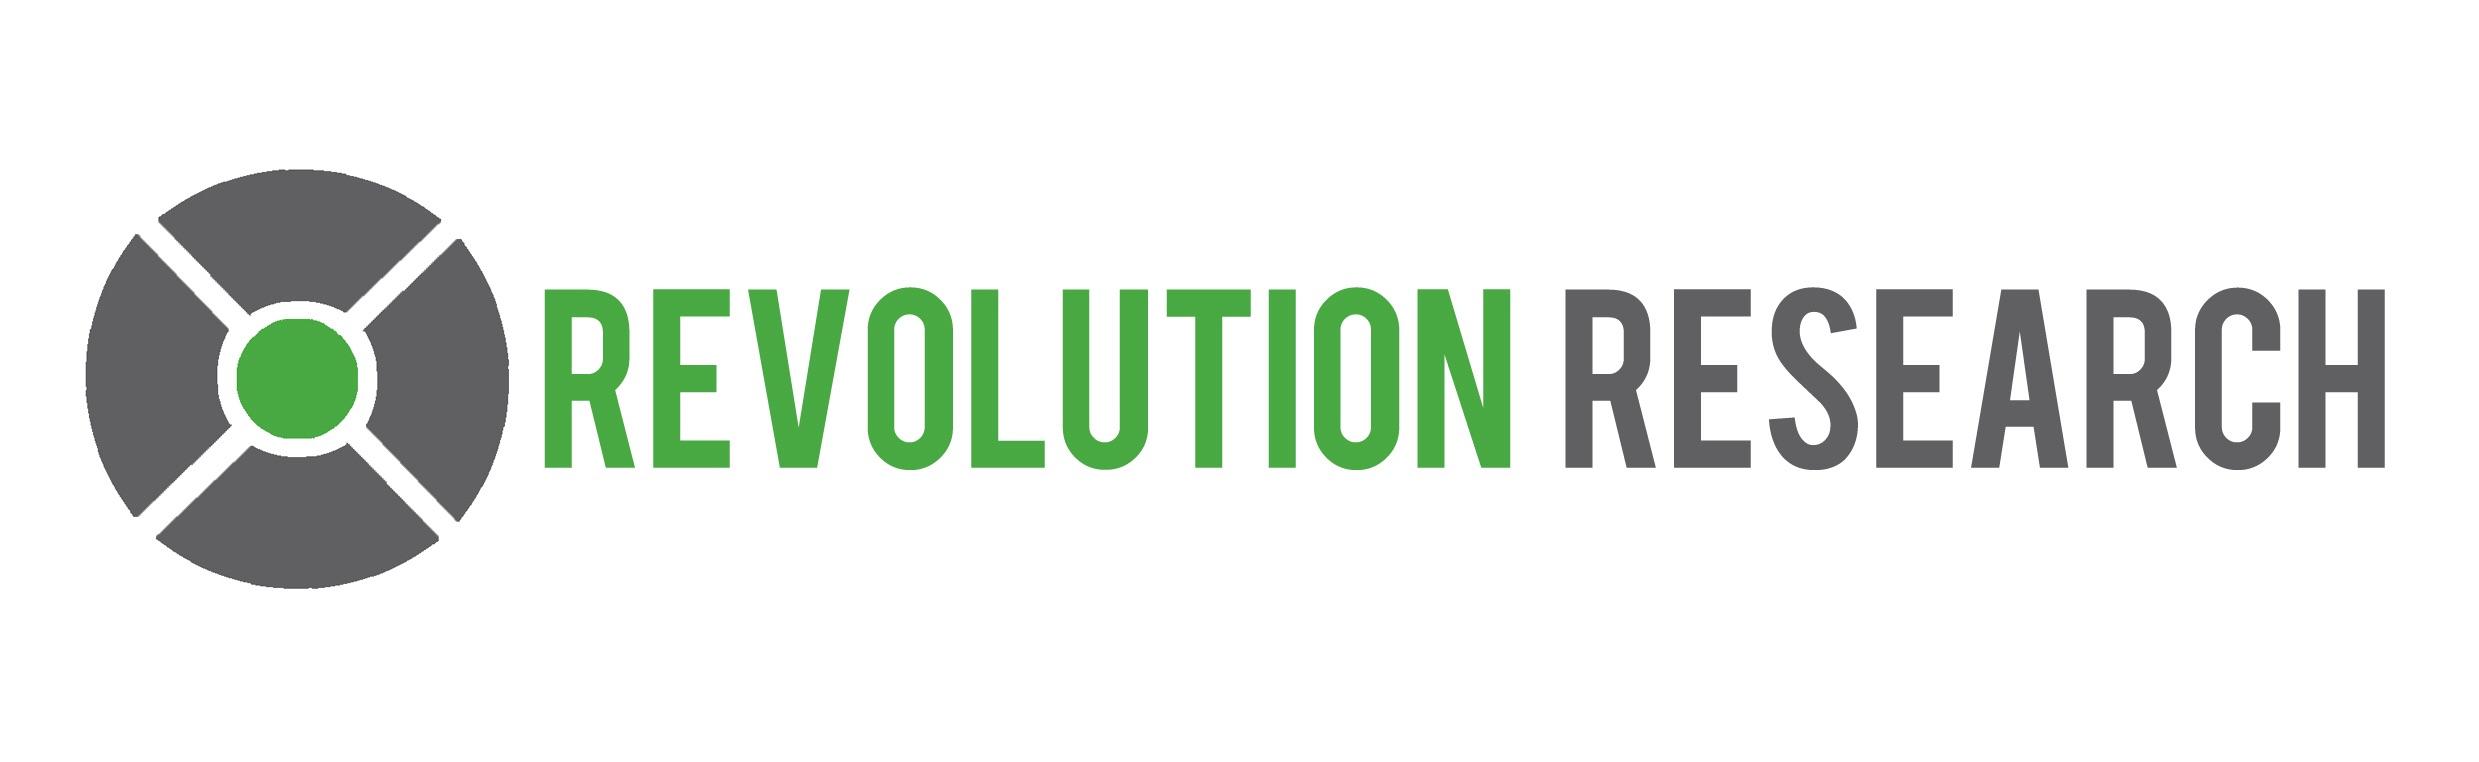 RRI logo.jpg